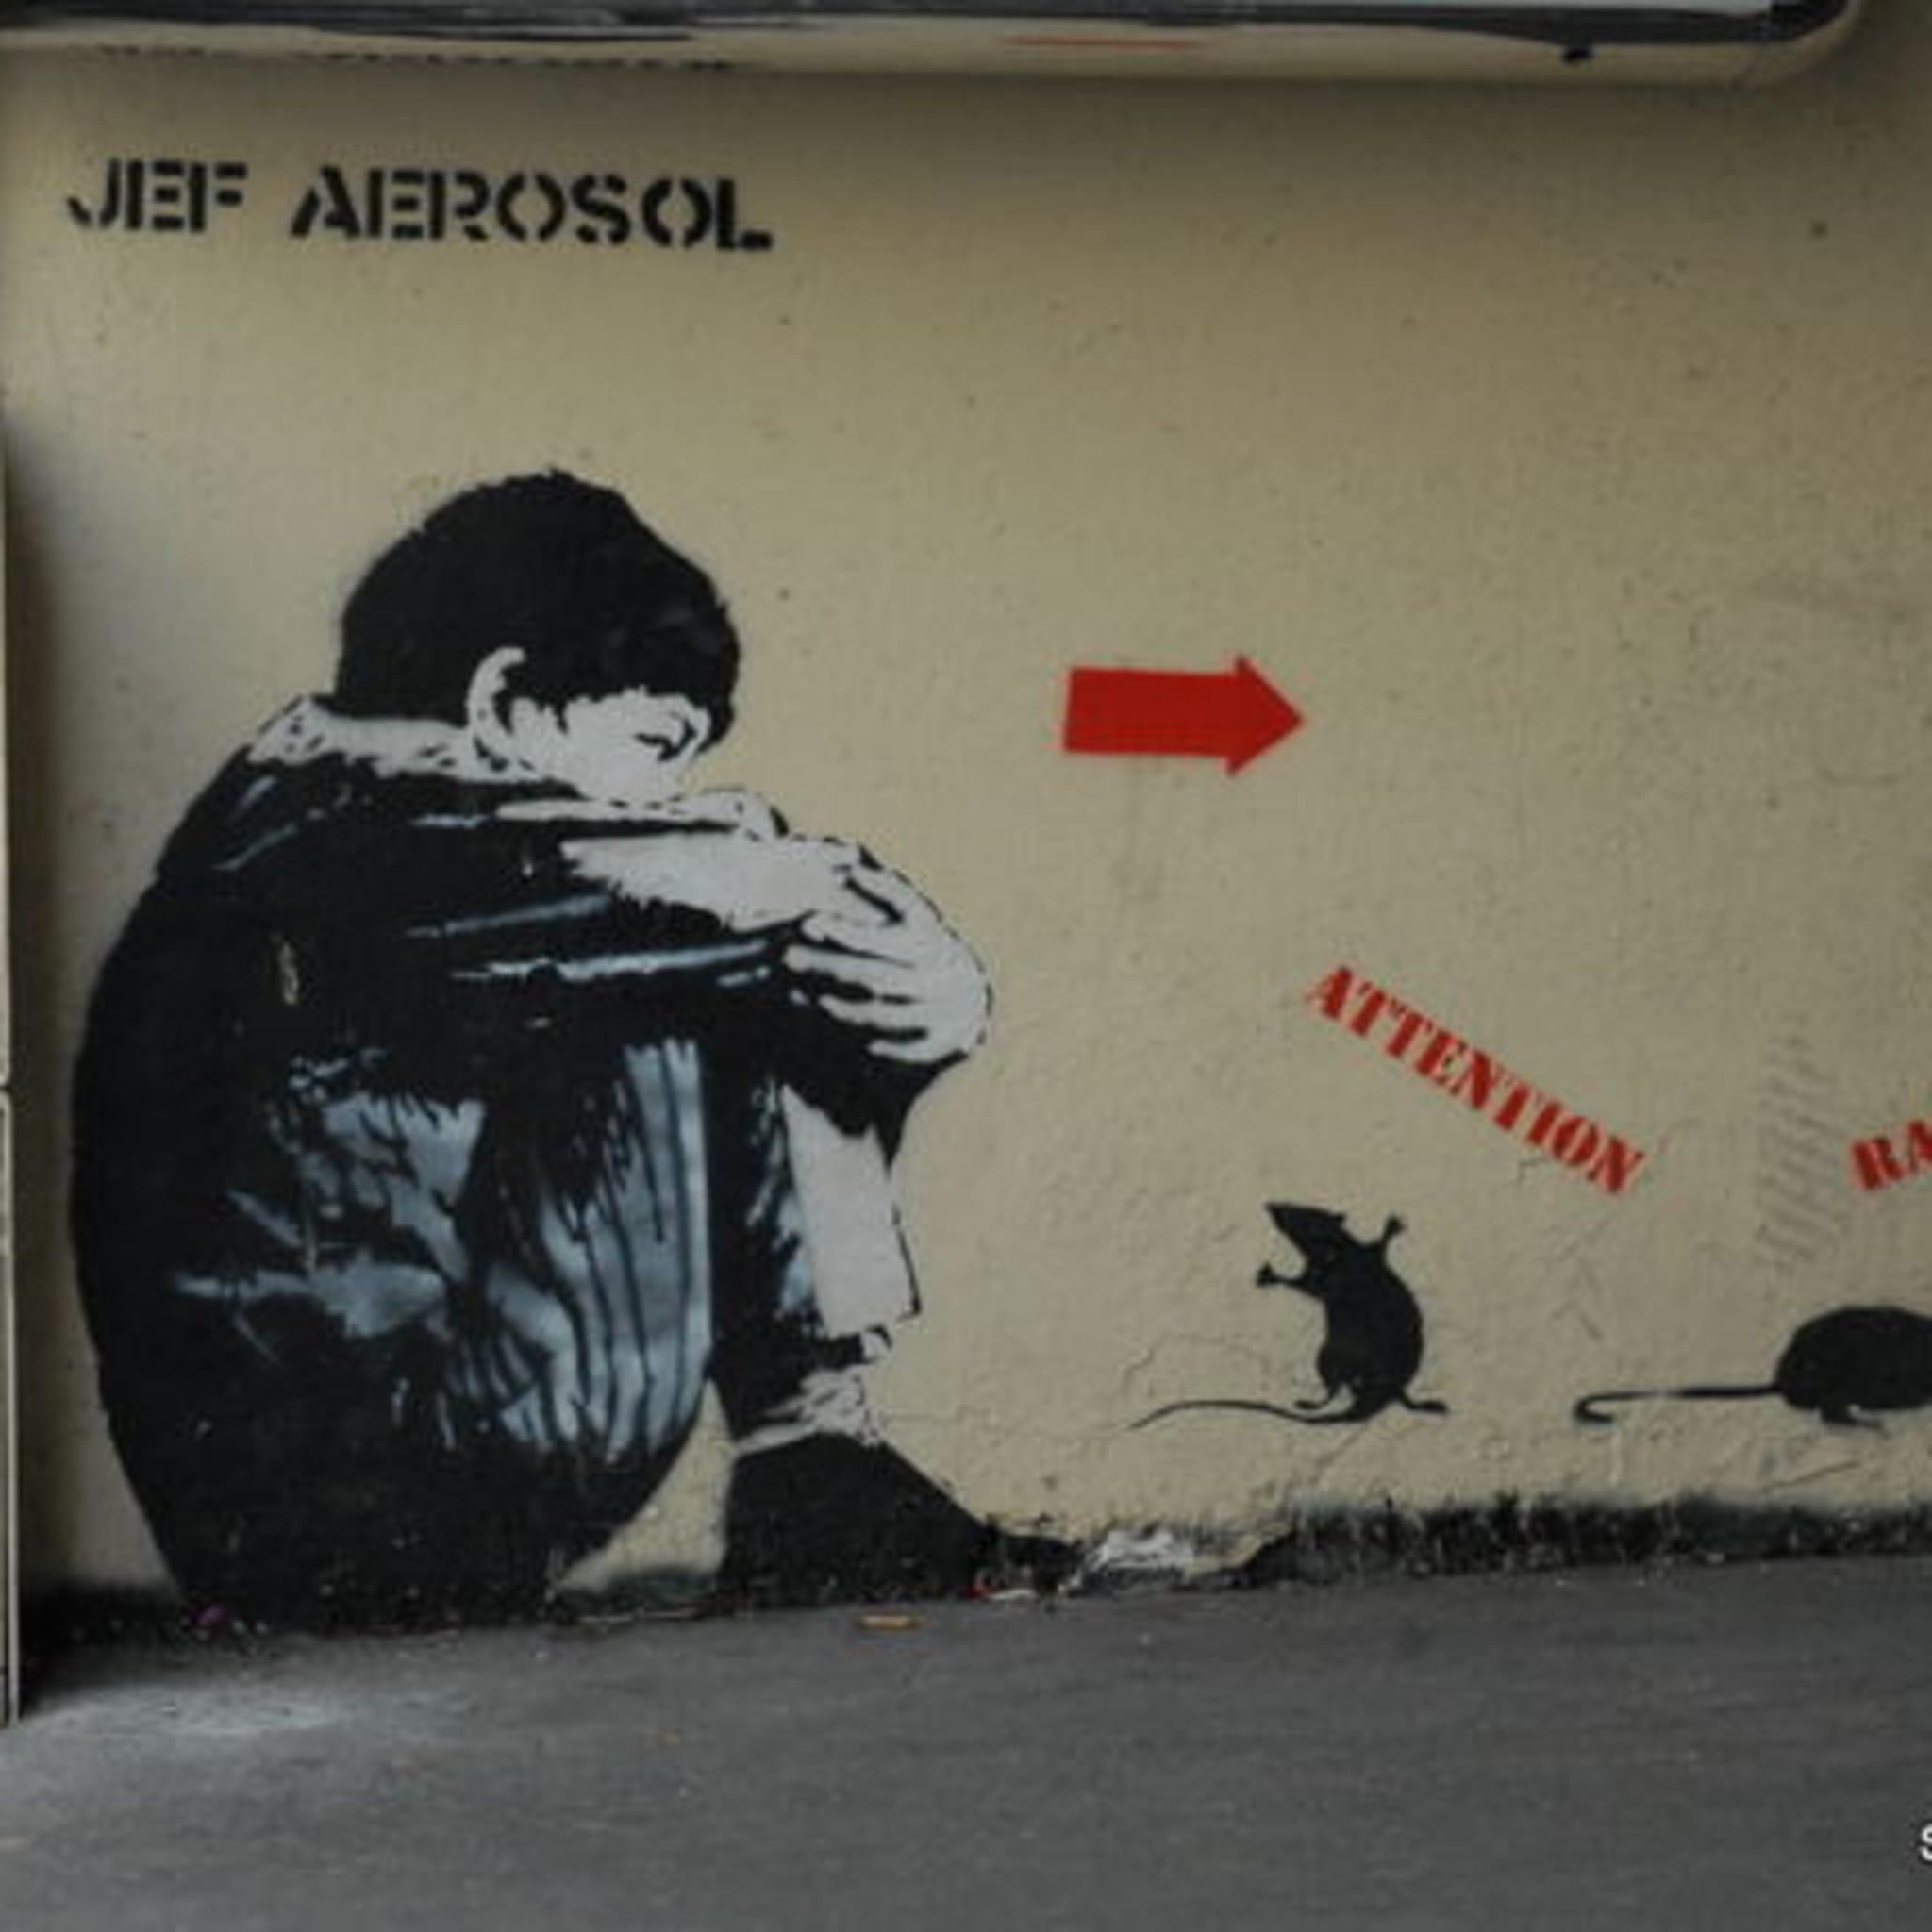 Jef Aerosol